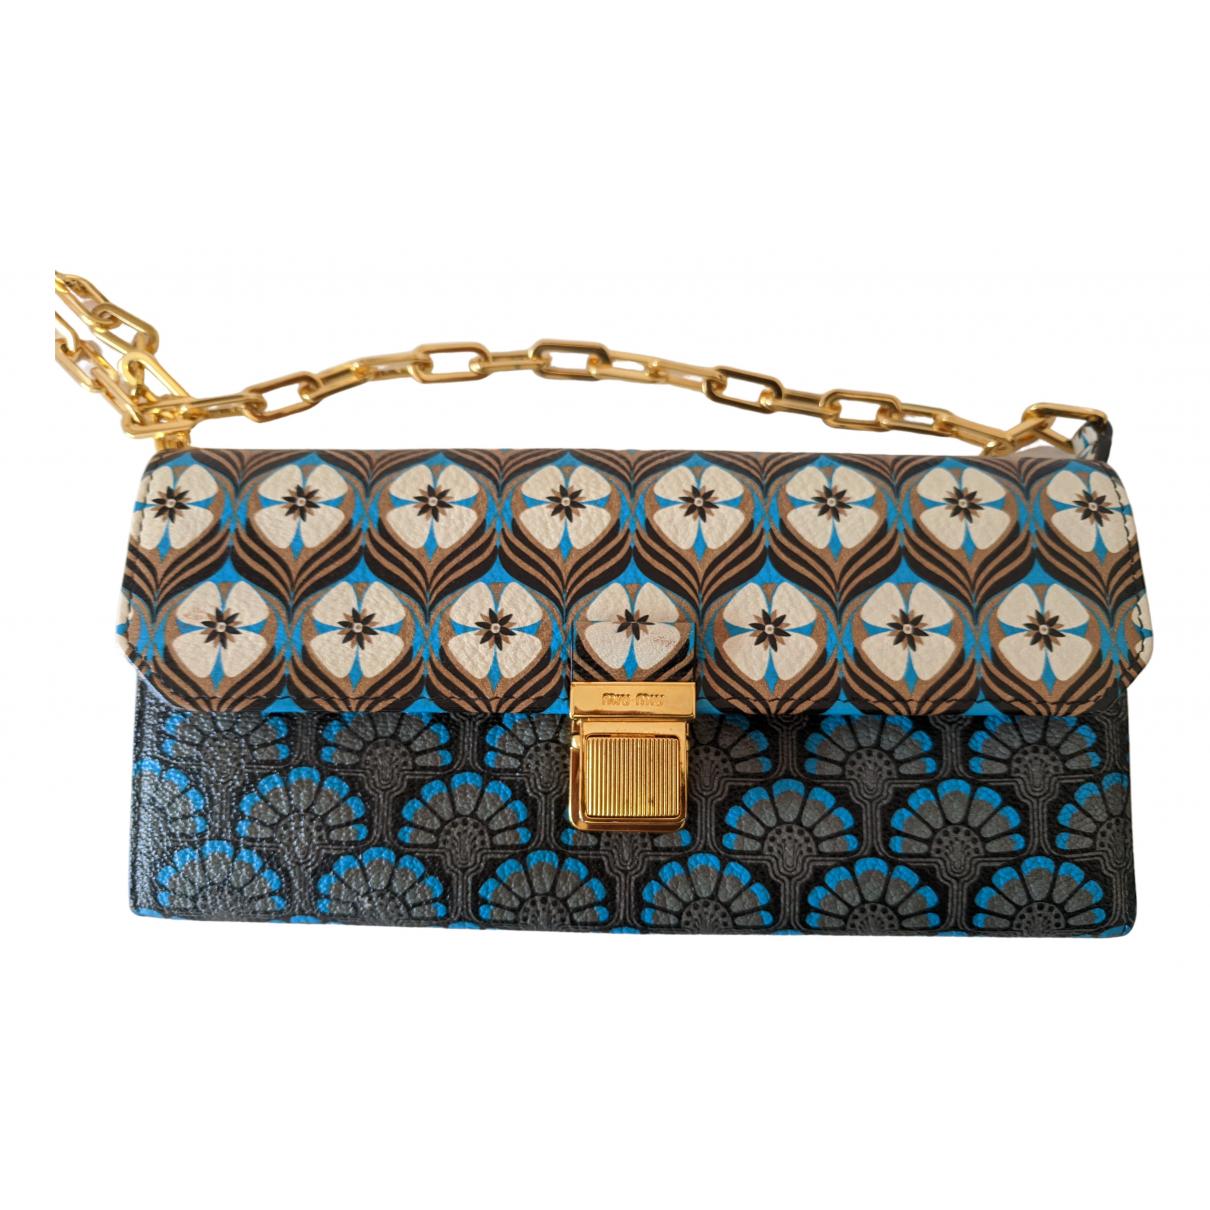 Miu Miu \N Leather Clutch bag for Women \N